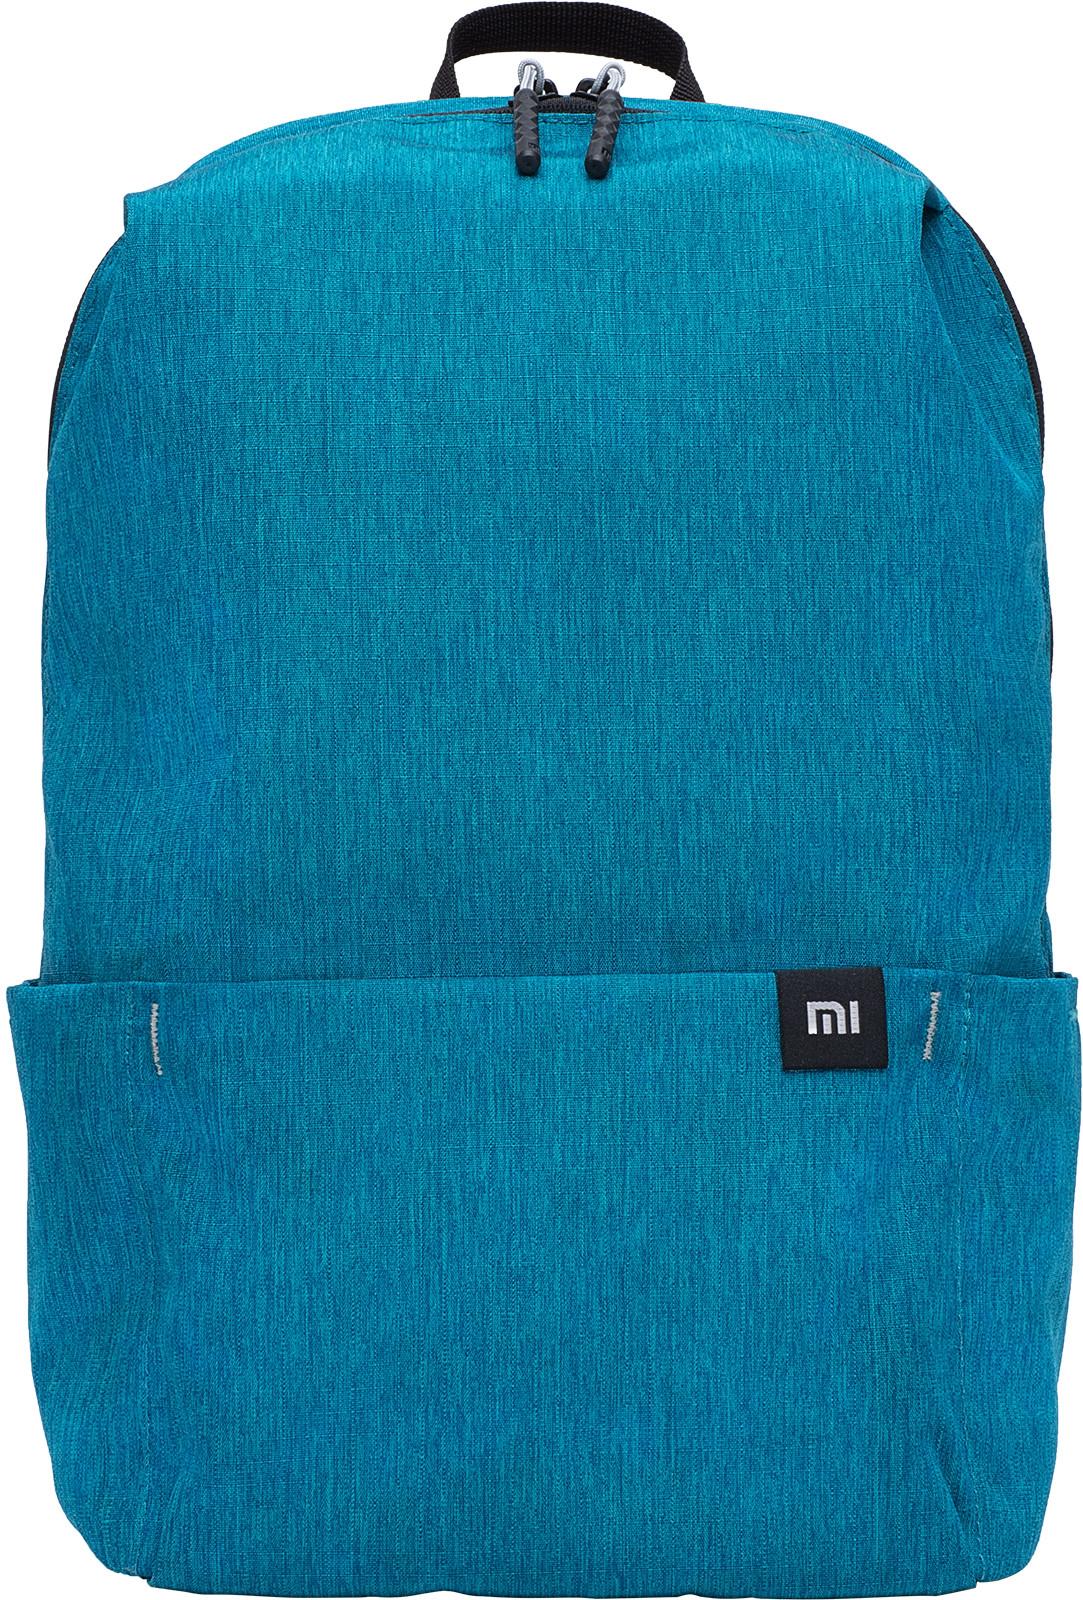 Рюкзак Xiaomi ZJB4145GL голубой 3 л